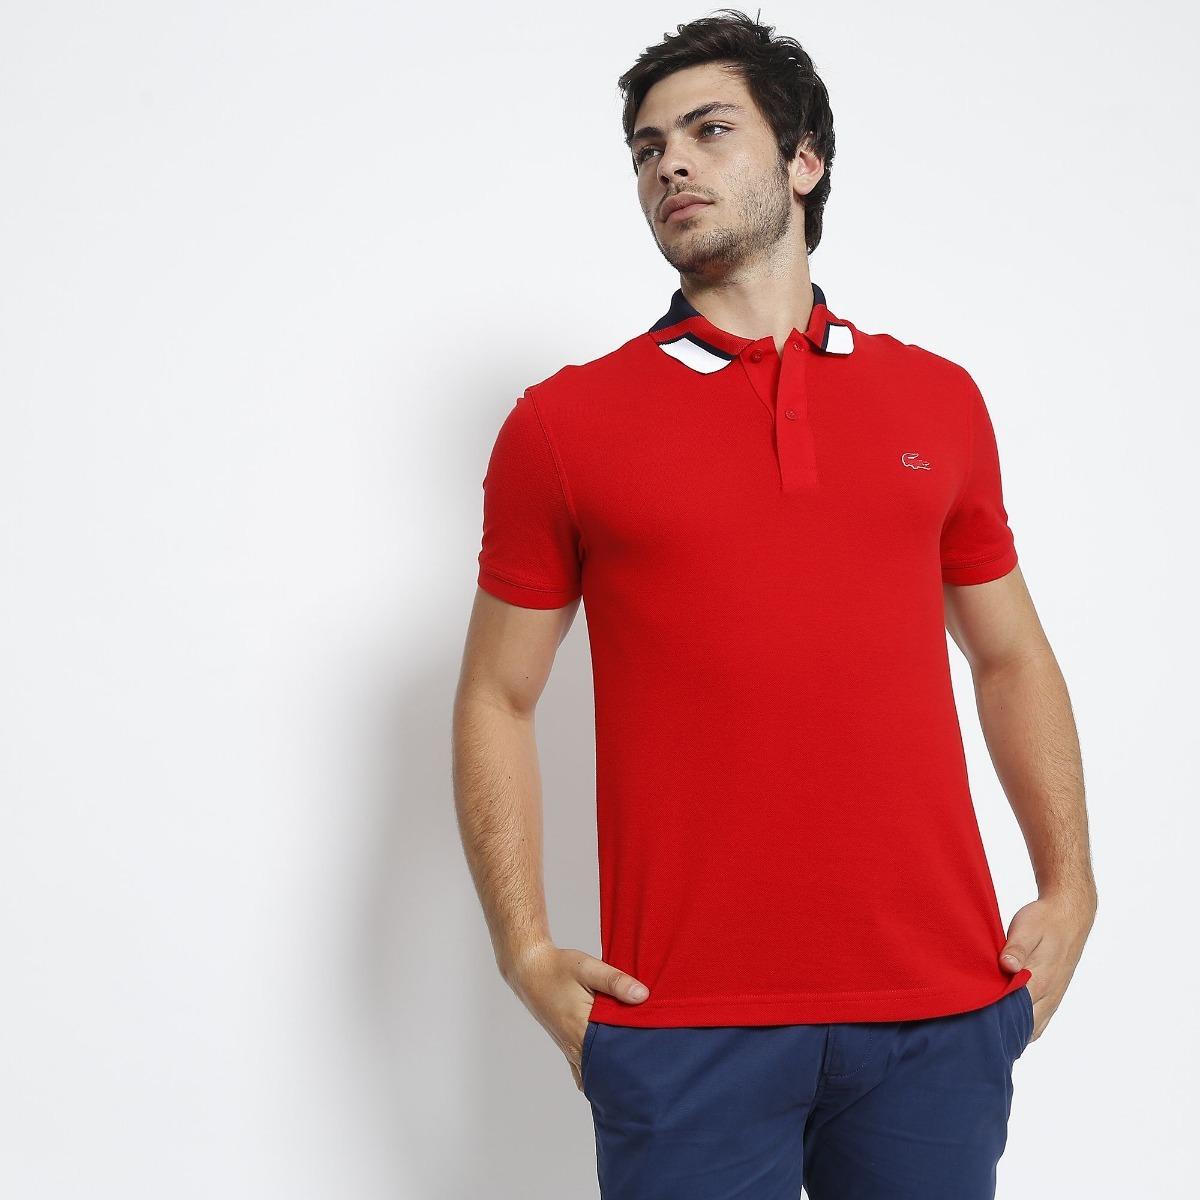 camisa polo lacoste slim fit masculina croco de borracha. Carregando zoom. 86935d8ba4